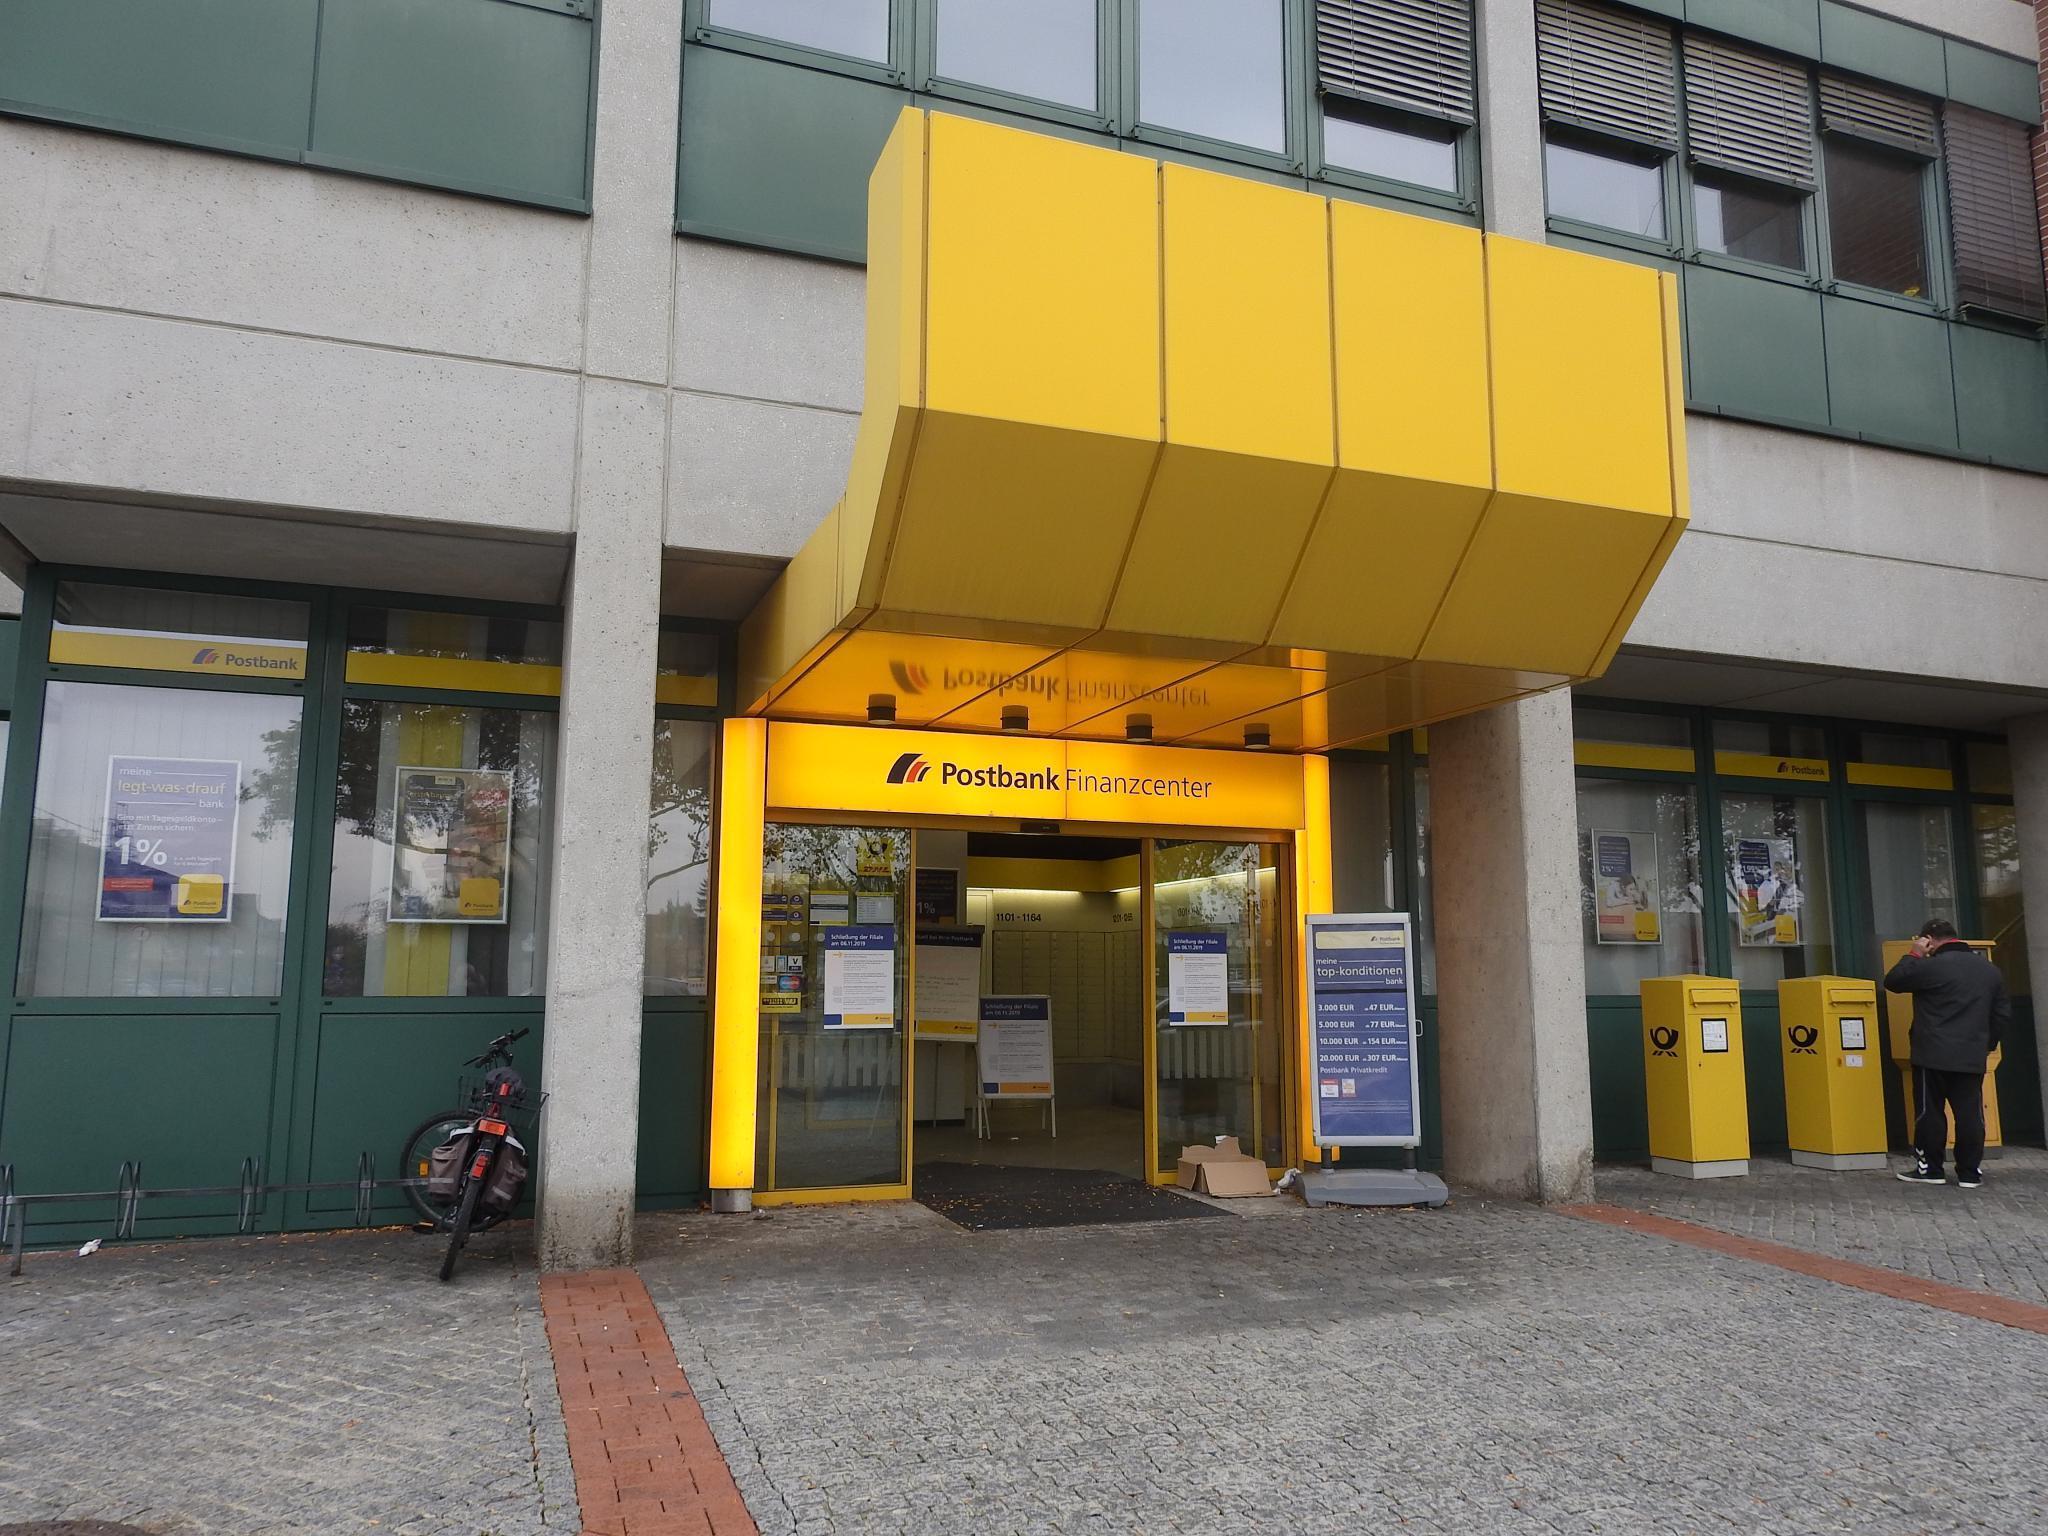 Postbankfiliale am Hauptbahnhof in Schweinfurt. Foto: Dirk Flieger